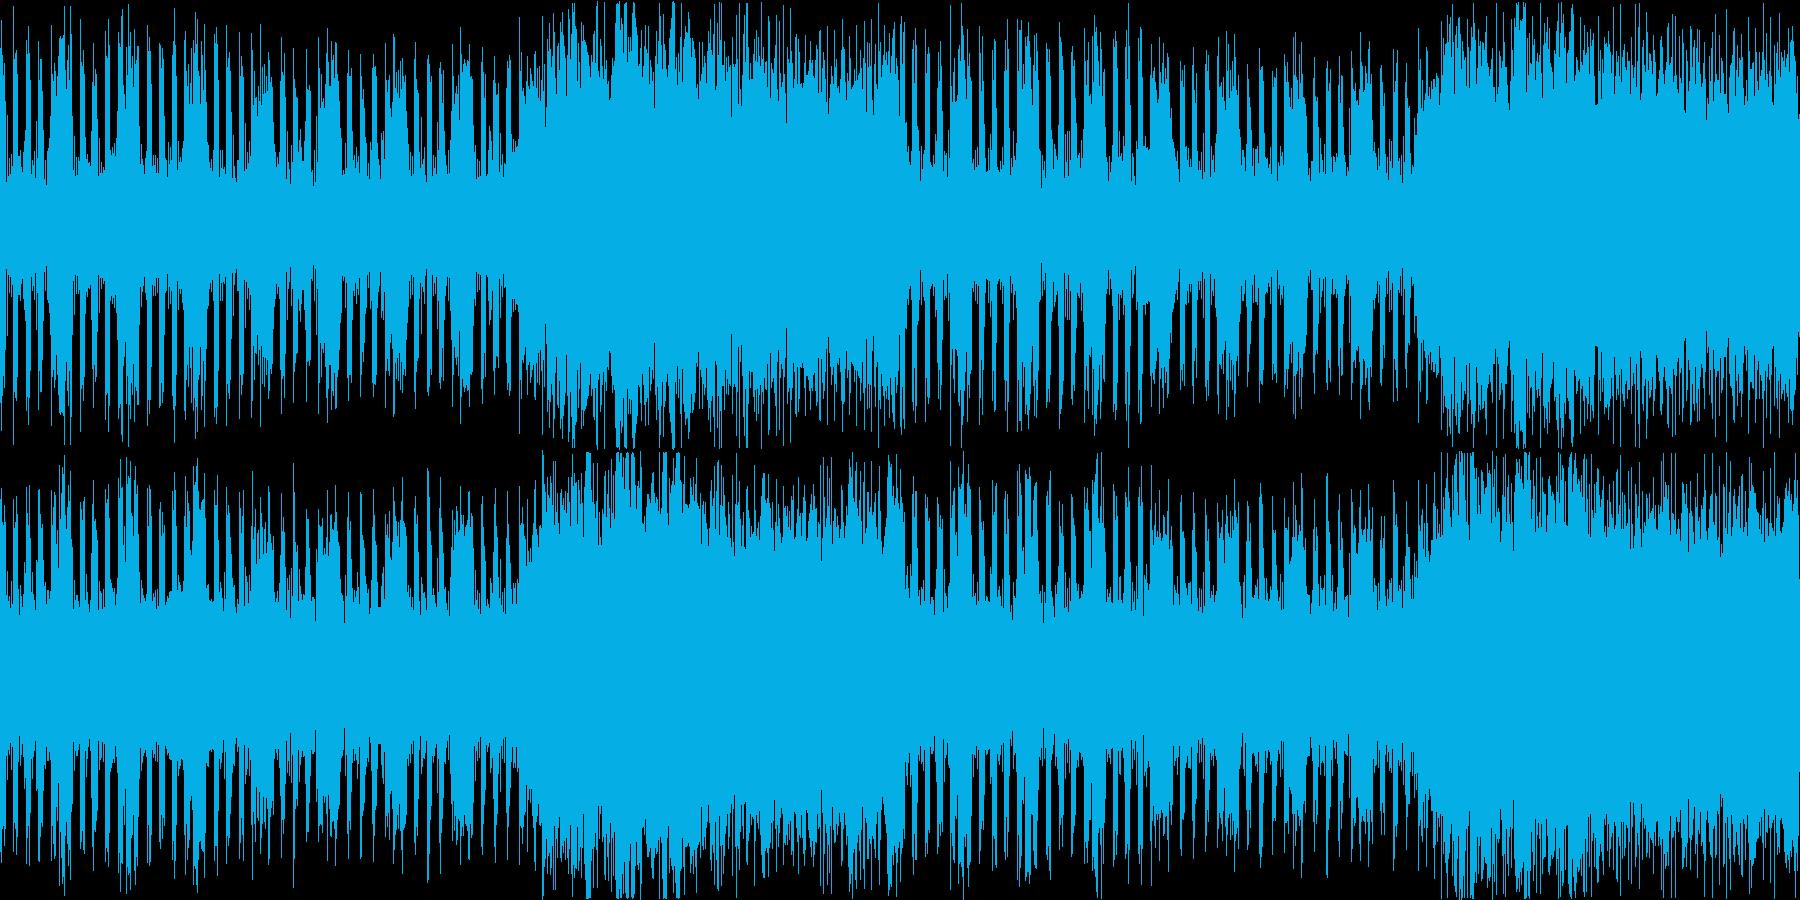 ギターとストリングスの緊迫感あるBGMの再生済みの波形